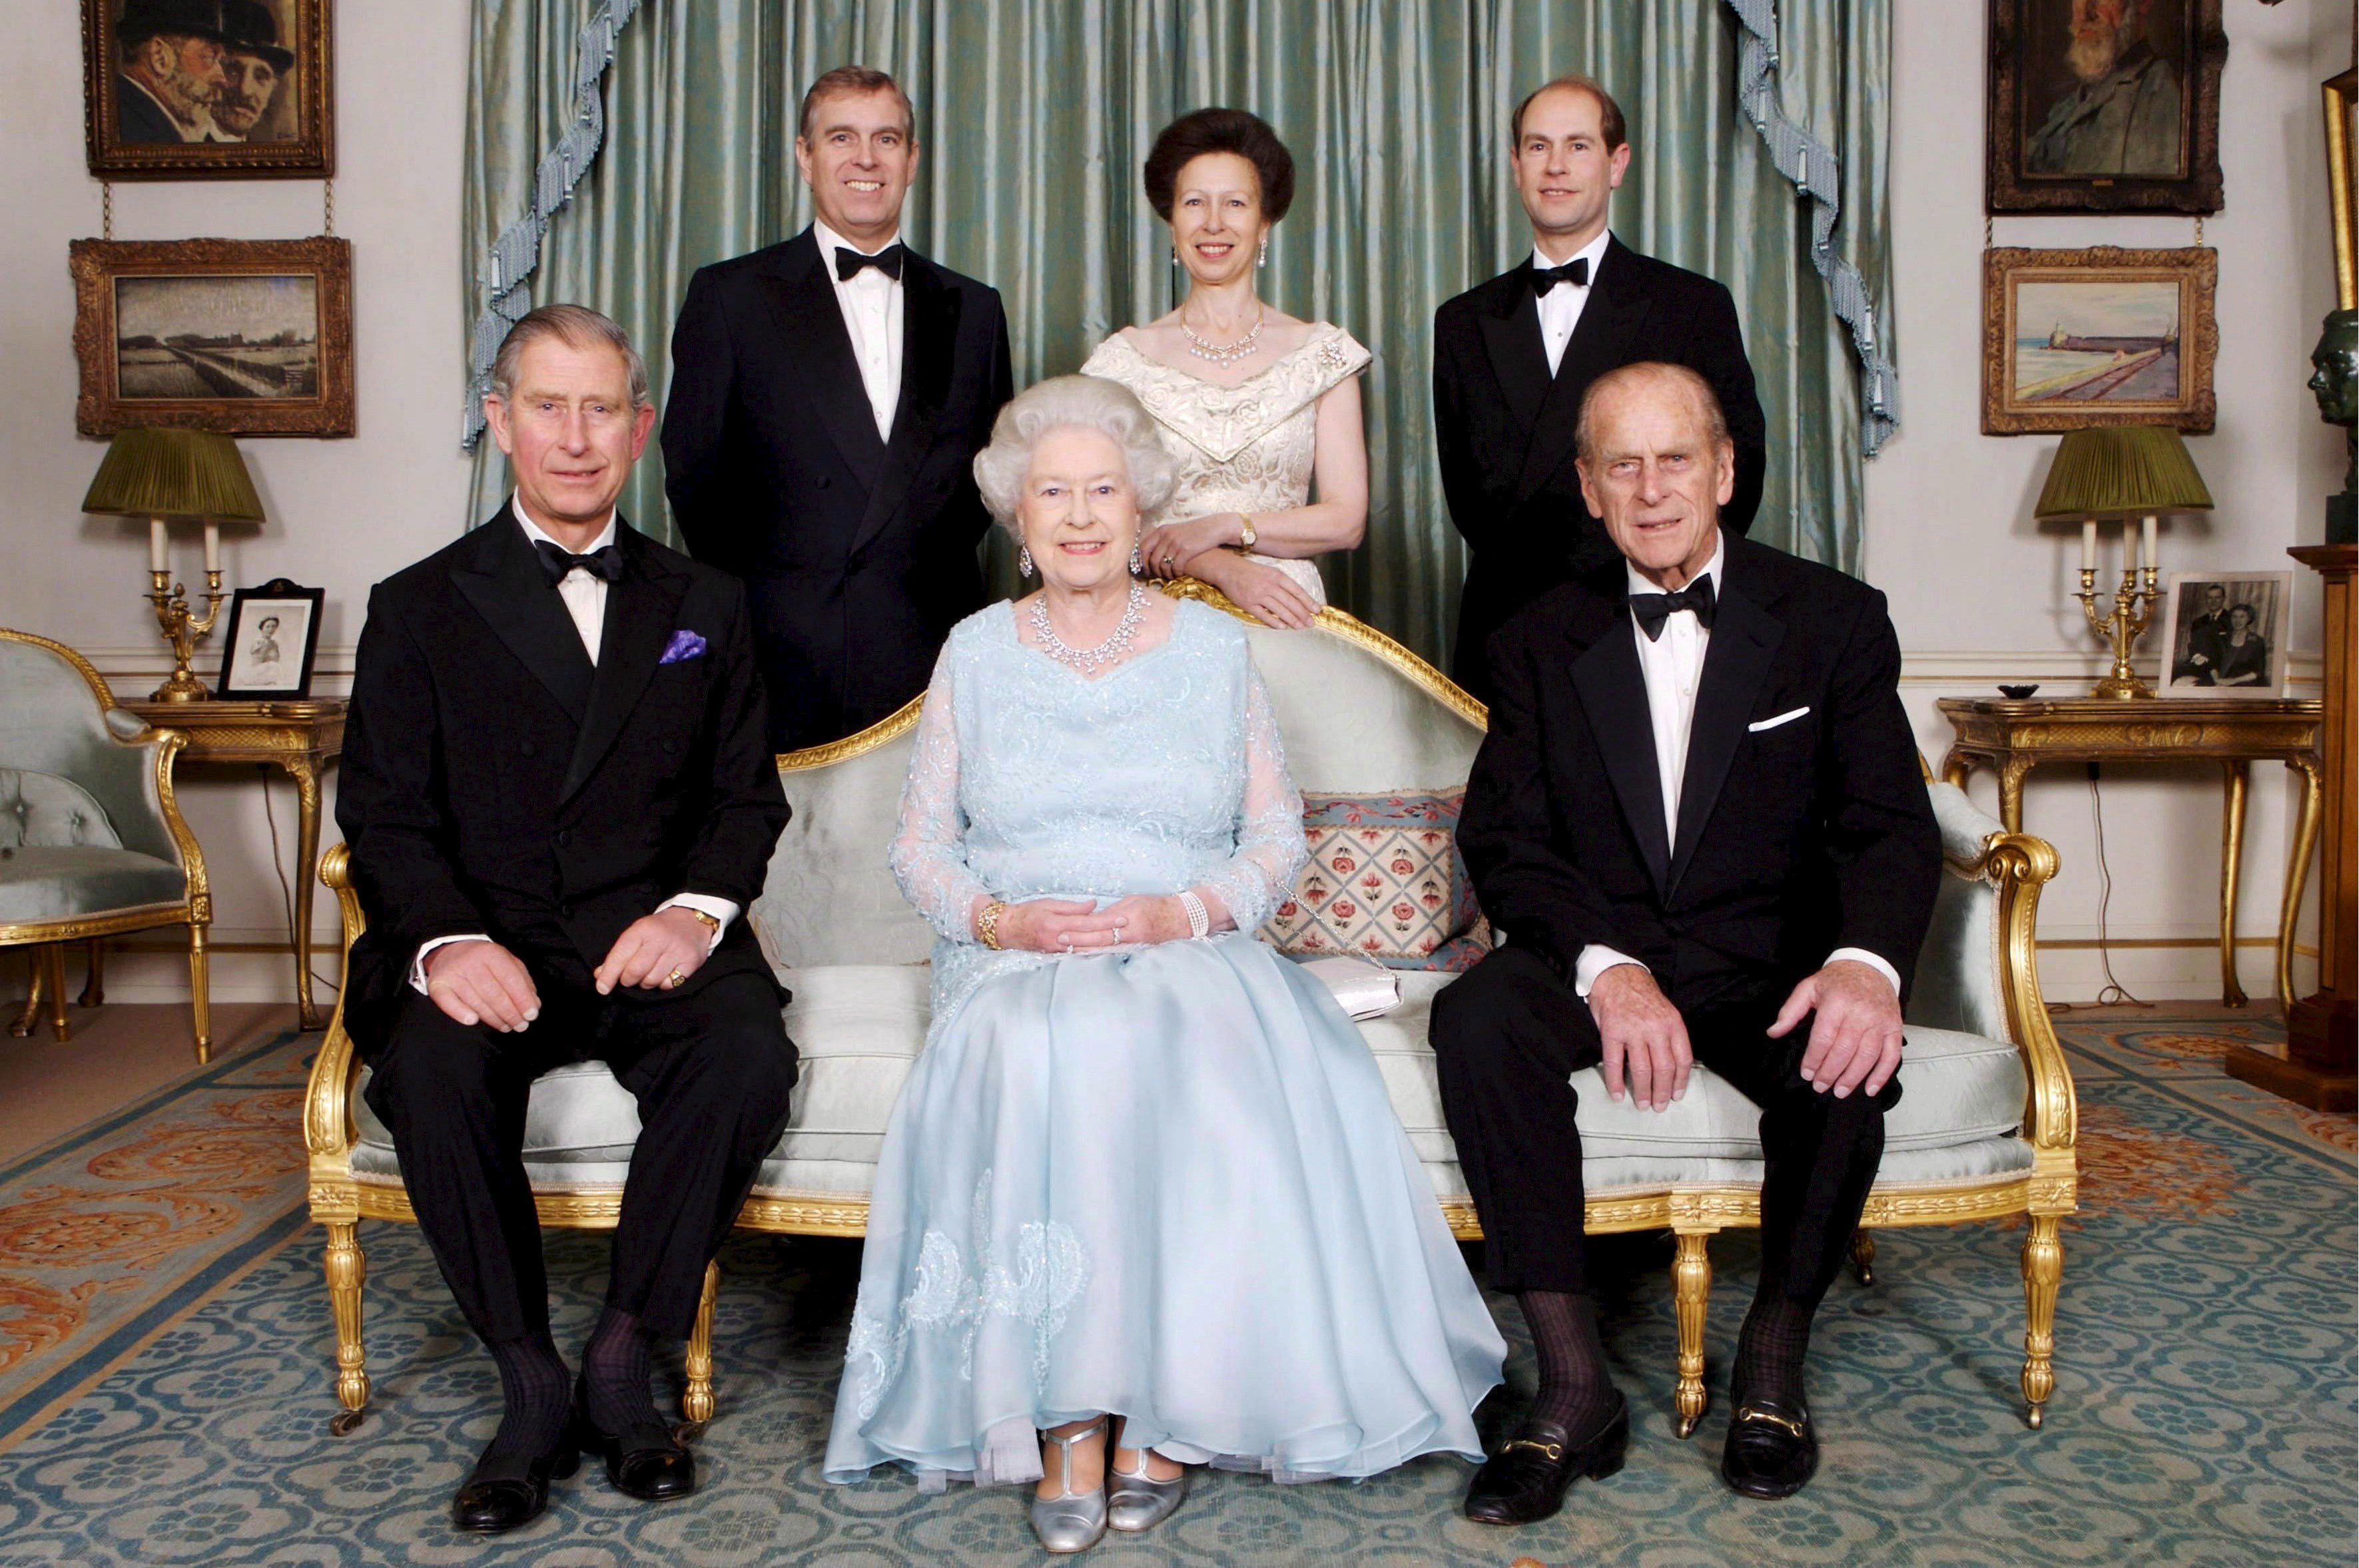 En noviembre de 2007 Elizabeth II y Philip posaron con sus hijos, los príncipes Charles, Andrew y Edward y la princesa Annne con motivo de las celebraciones por las bodas de diamante de la reina y el duque de Edimburgo. (Archivo)